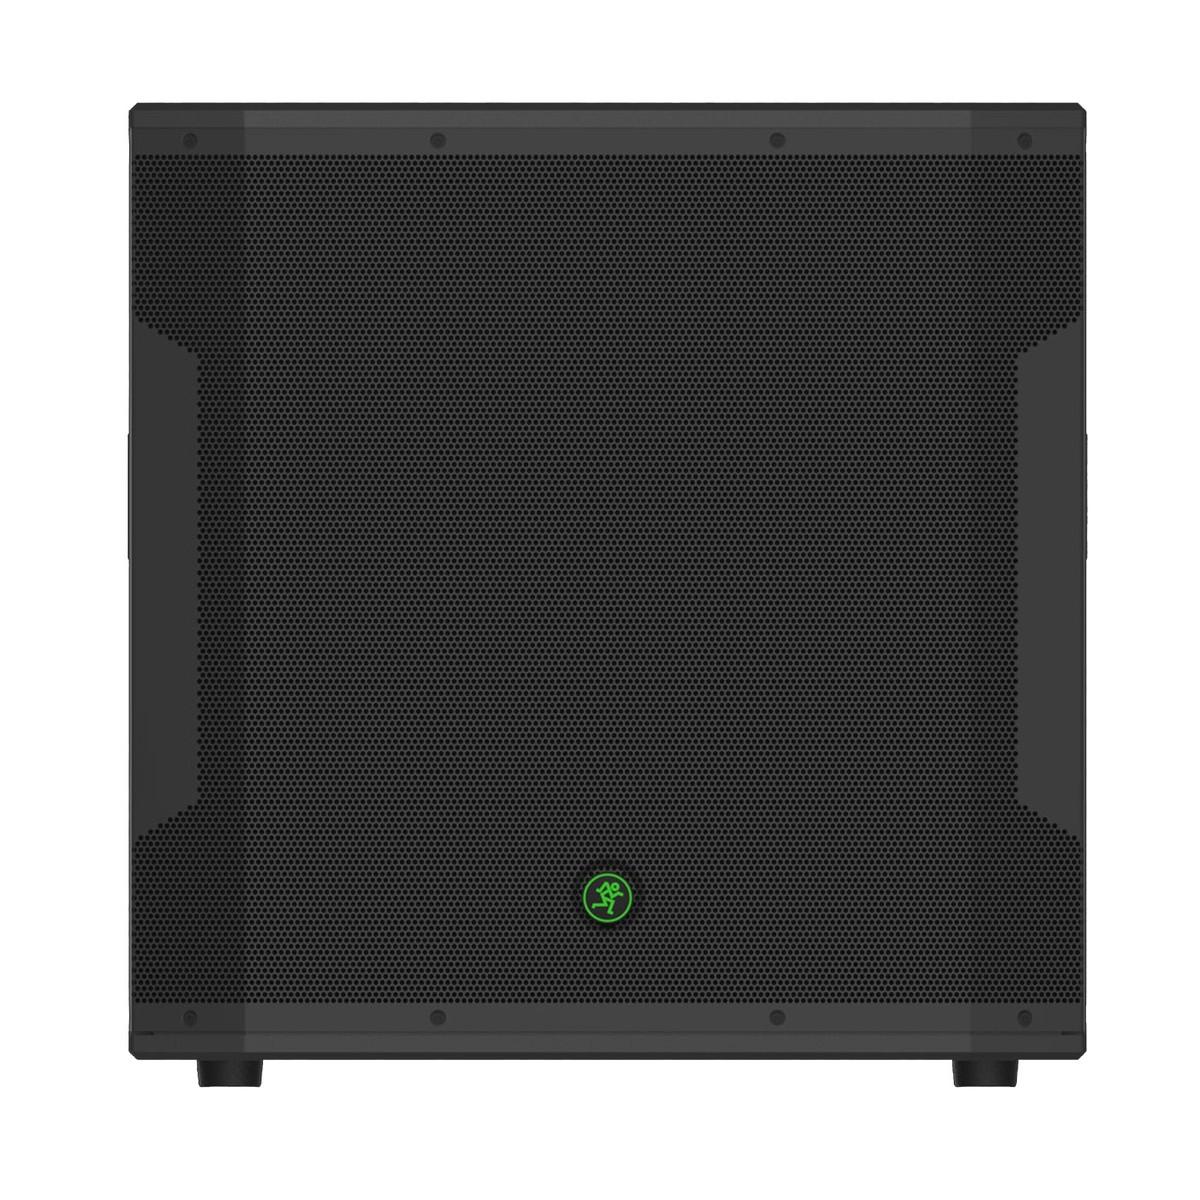 mackie srm1850 18 inch active subwoofer speaker b stock at gear4music. Black Bedroom Furniture Sets. Home Design Ideas